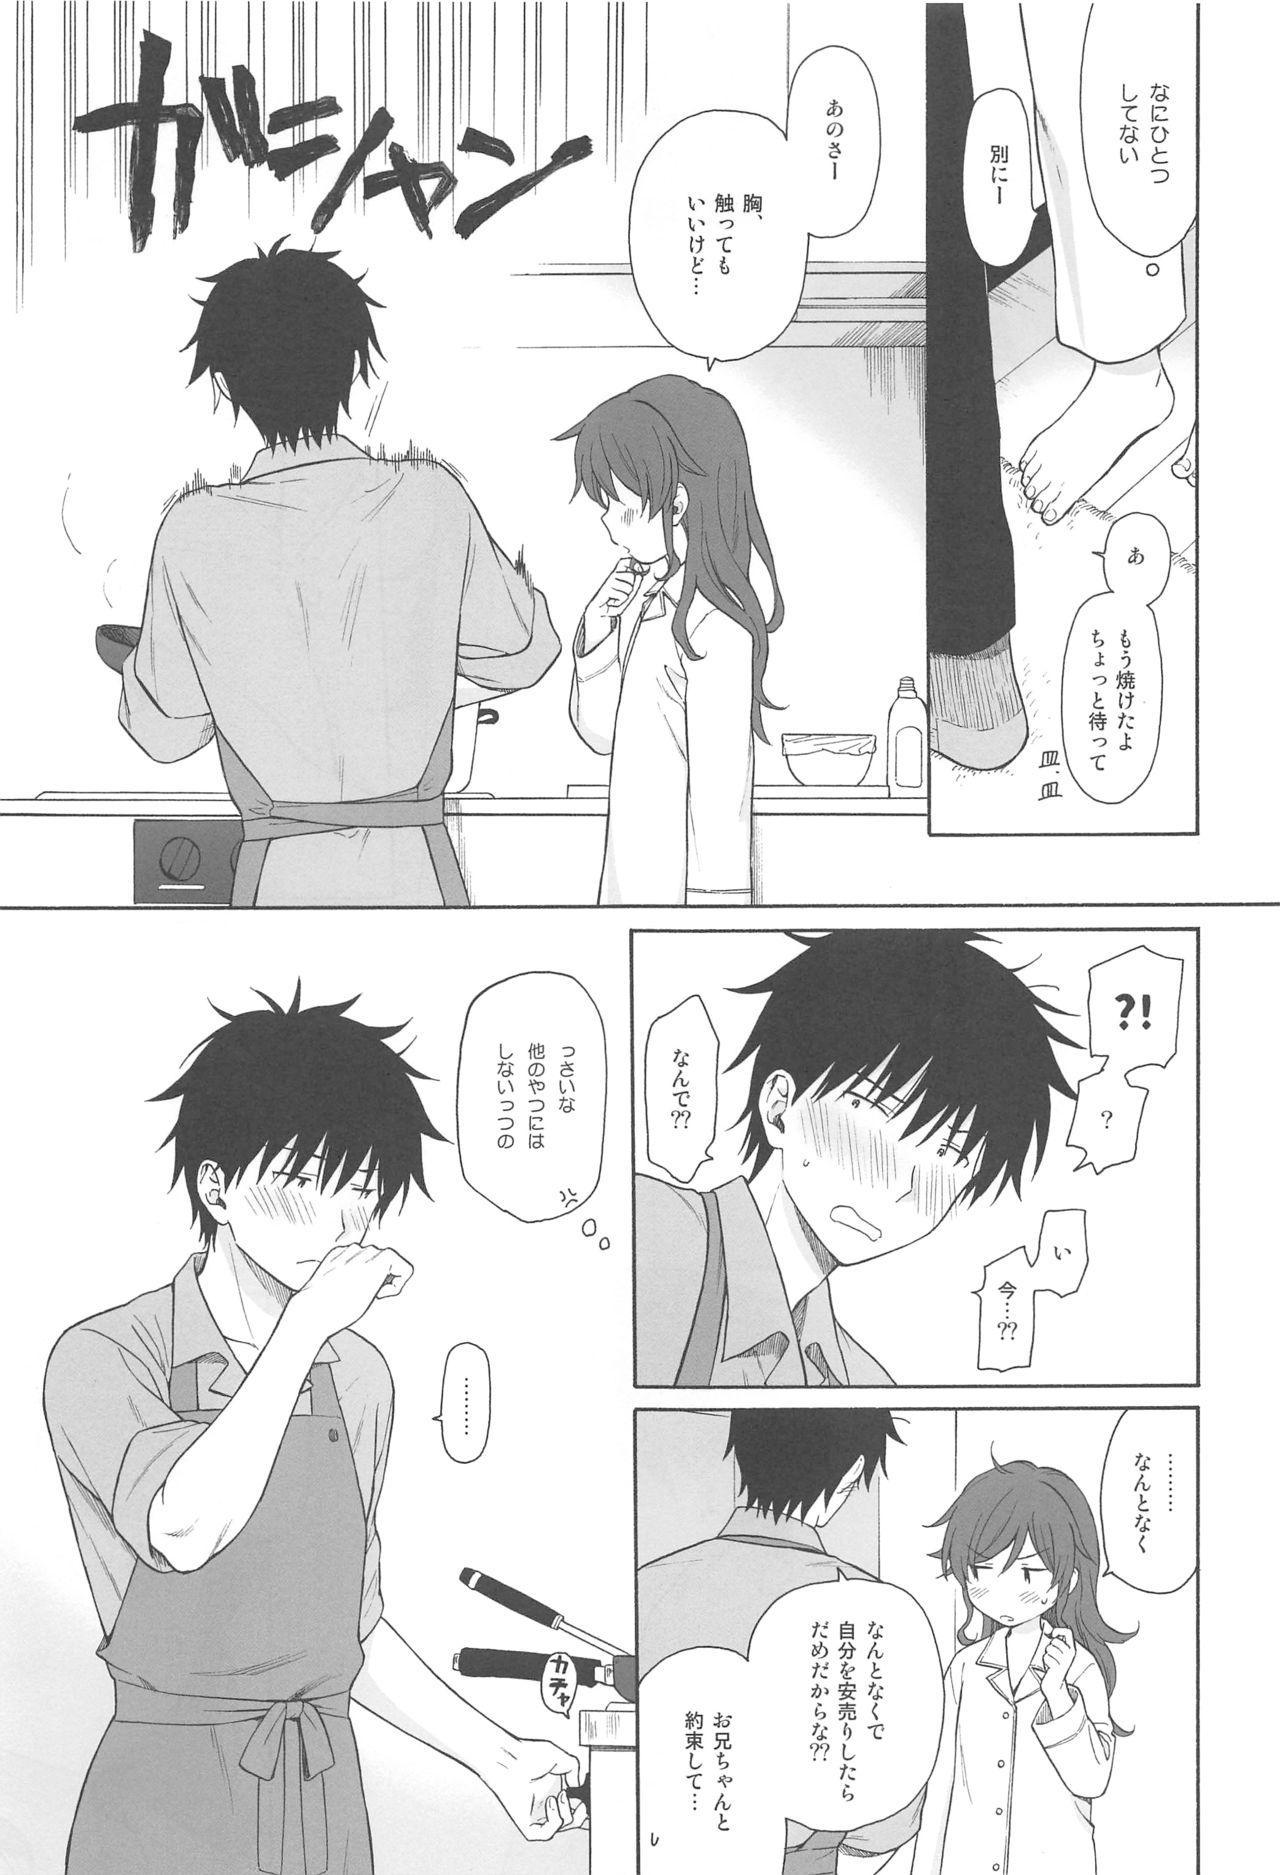 Kono Sekai no Owari made 7